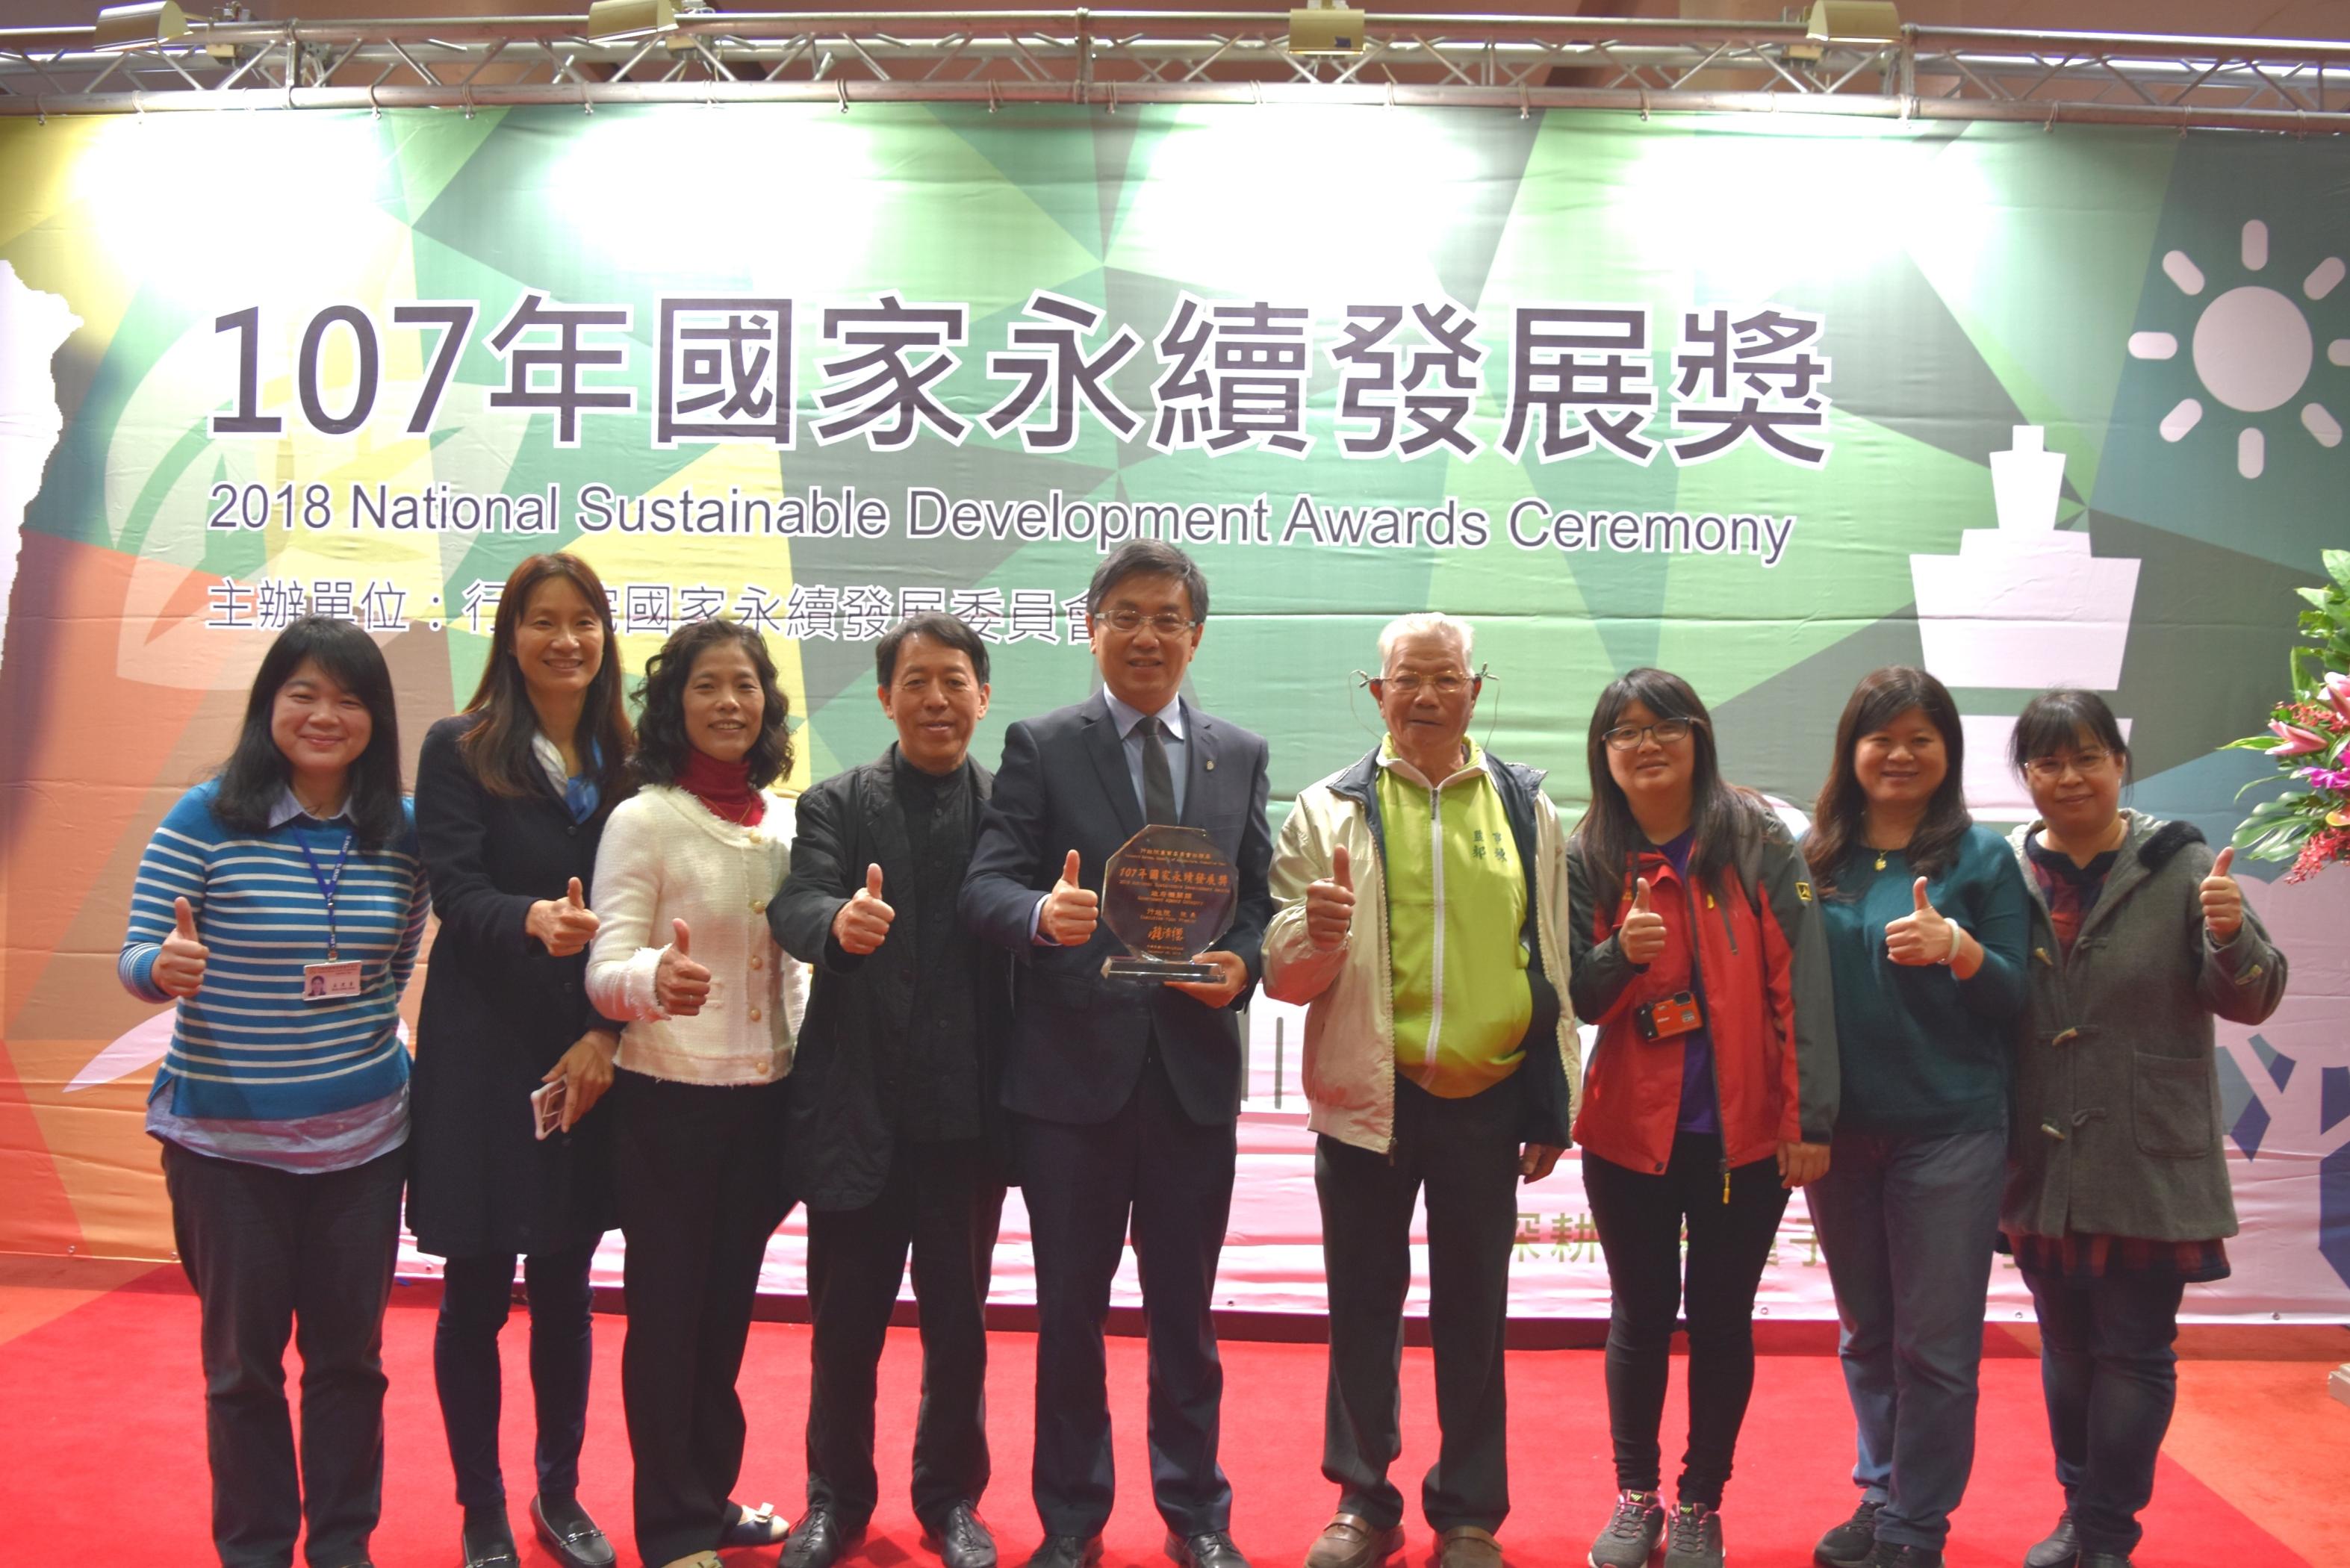 林務局推動成龍濕地里海行動計畫 再度榮獲國家永續發展獎